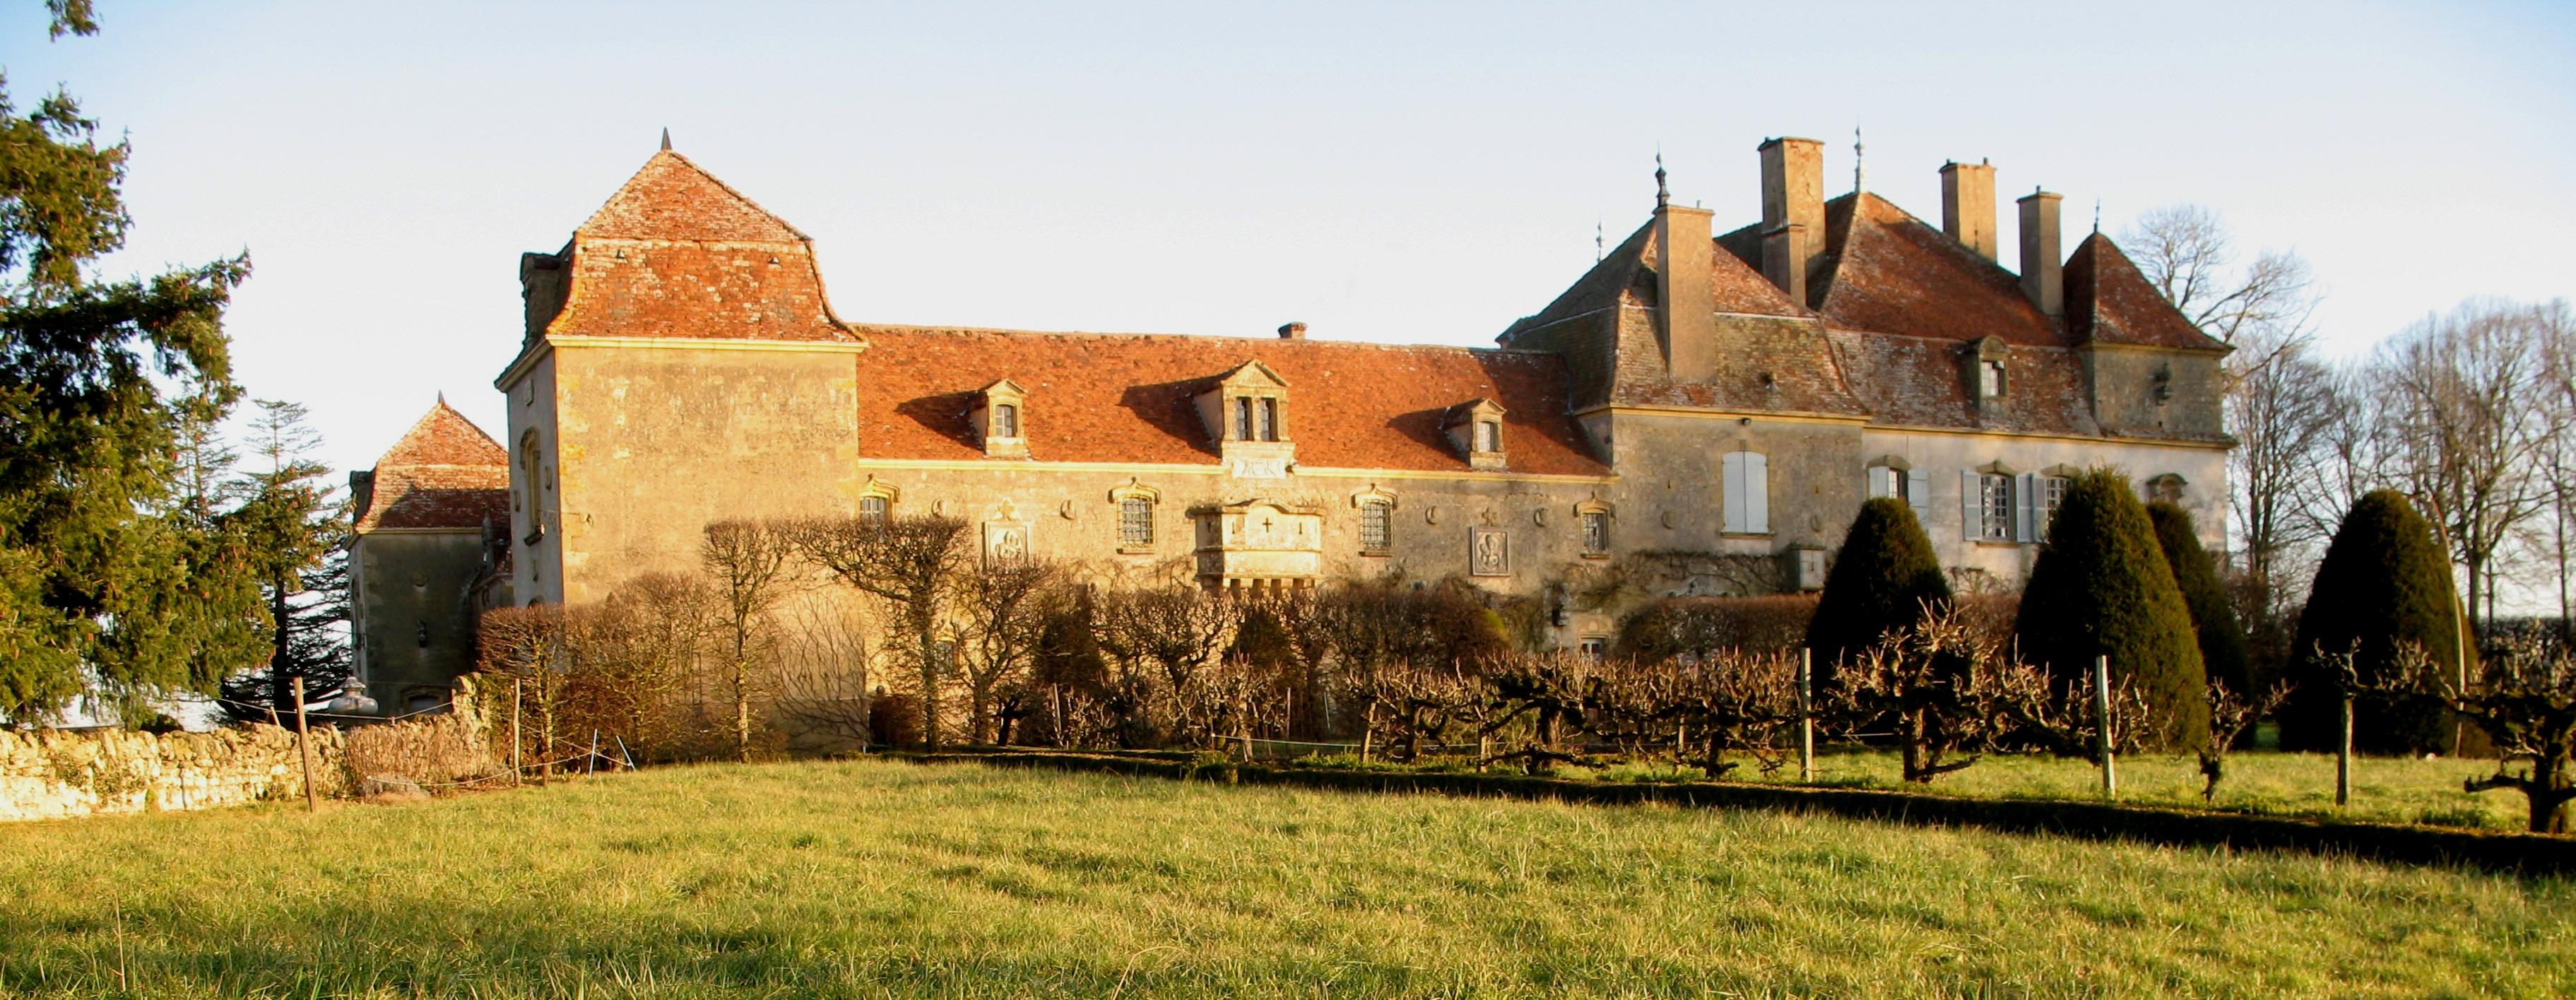 Château_de_Chaumont_(71)_-_1